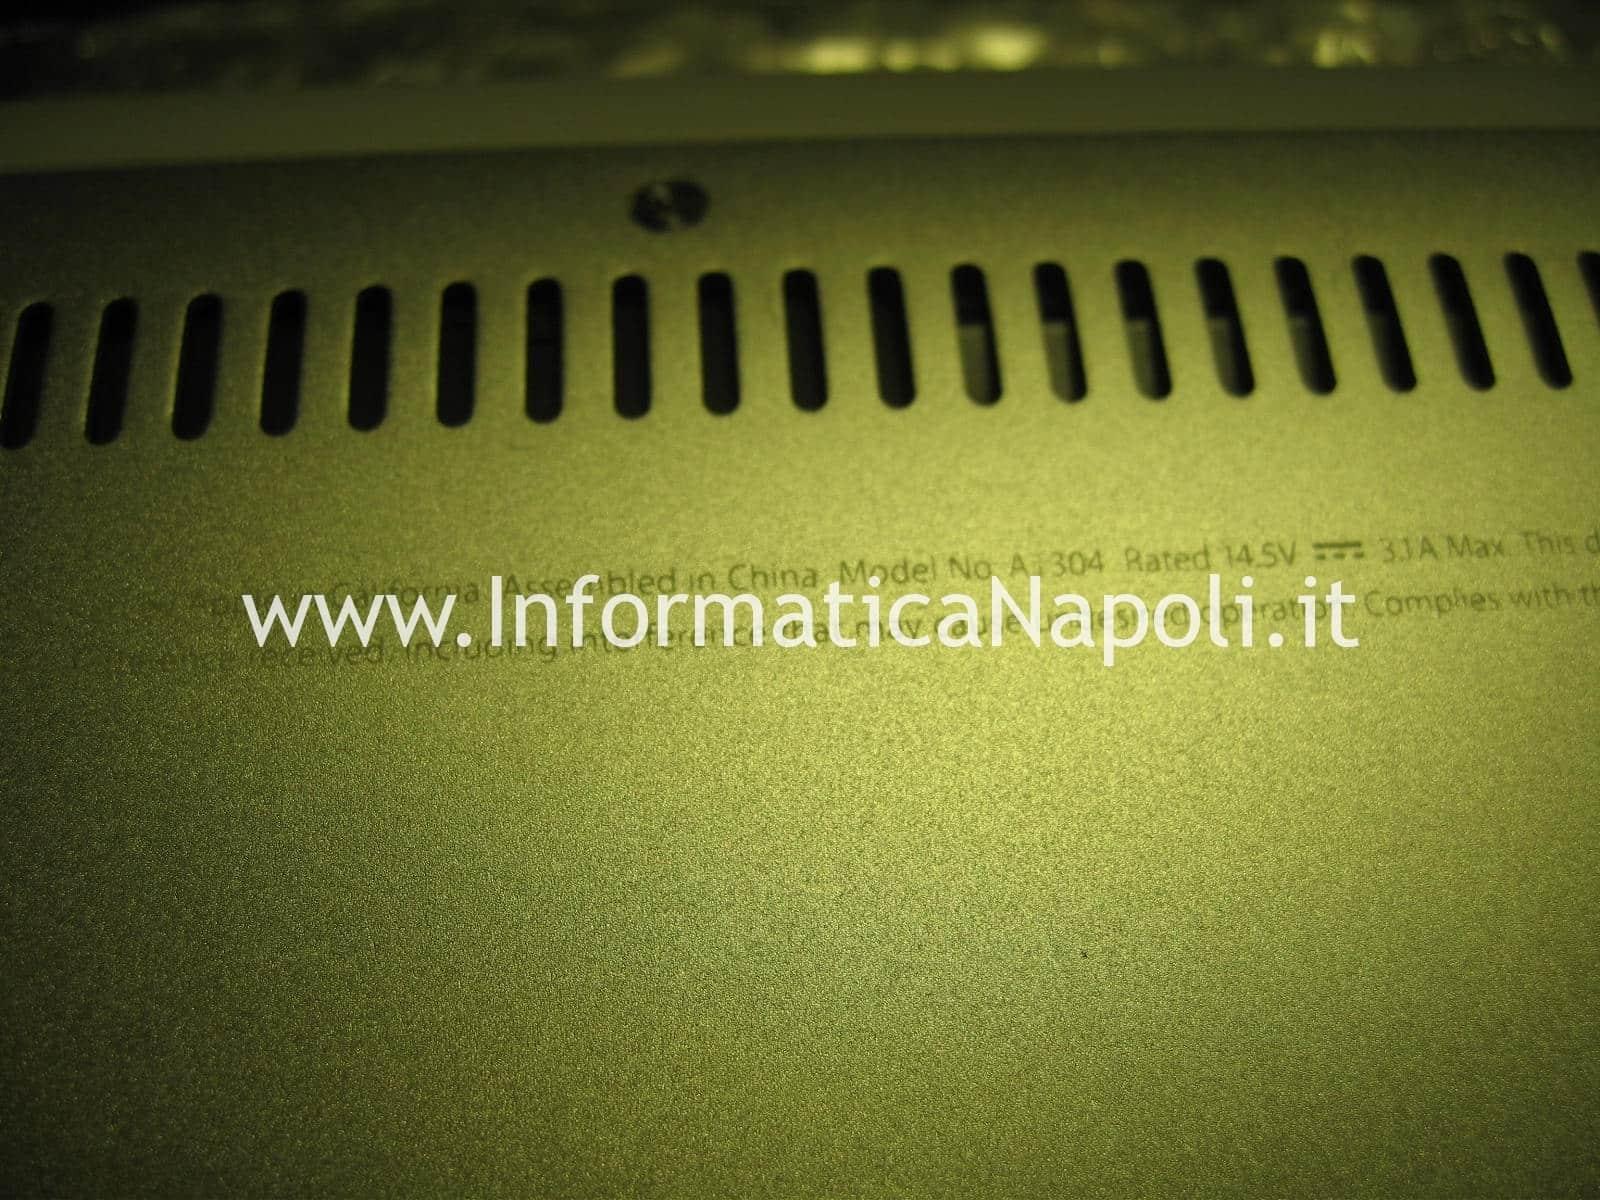 macbook air 13 a1304 schermo nero